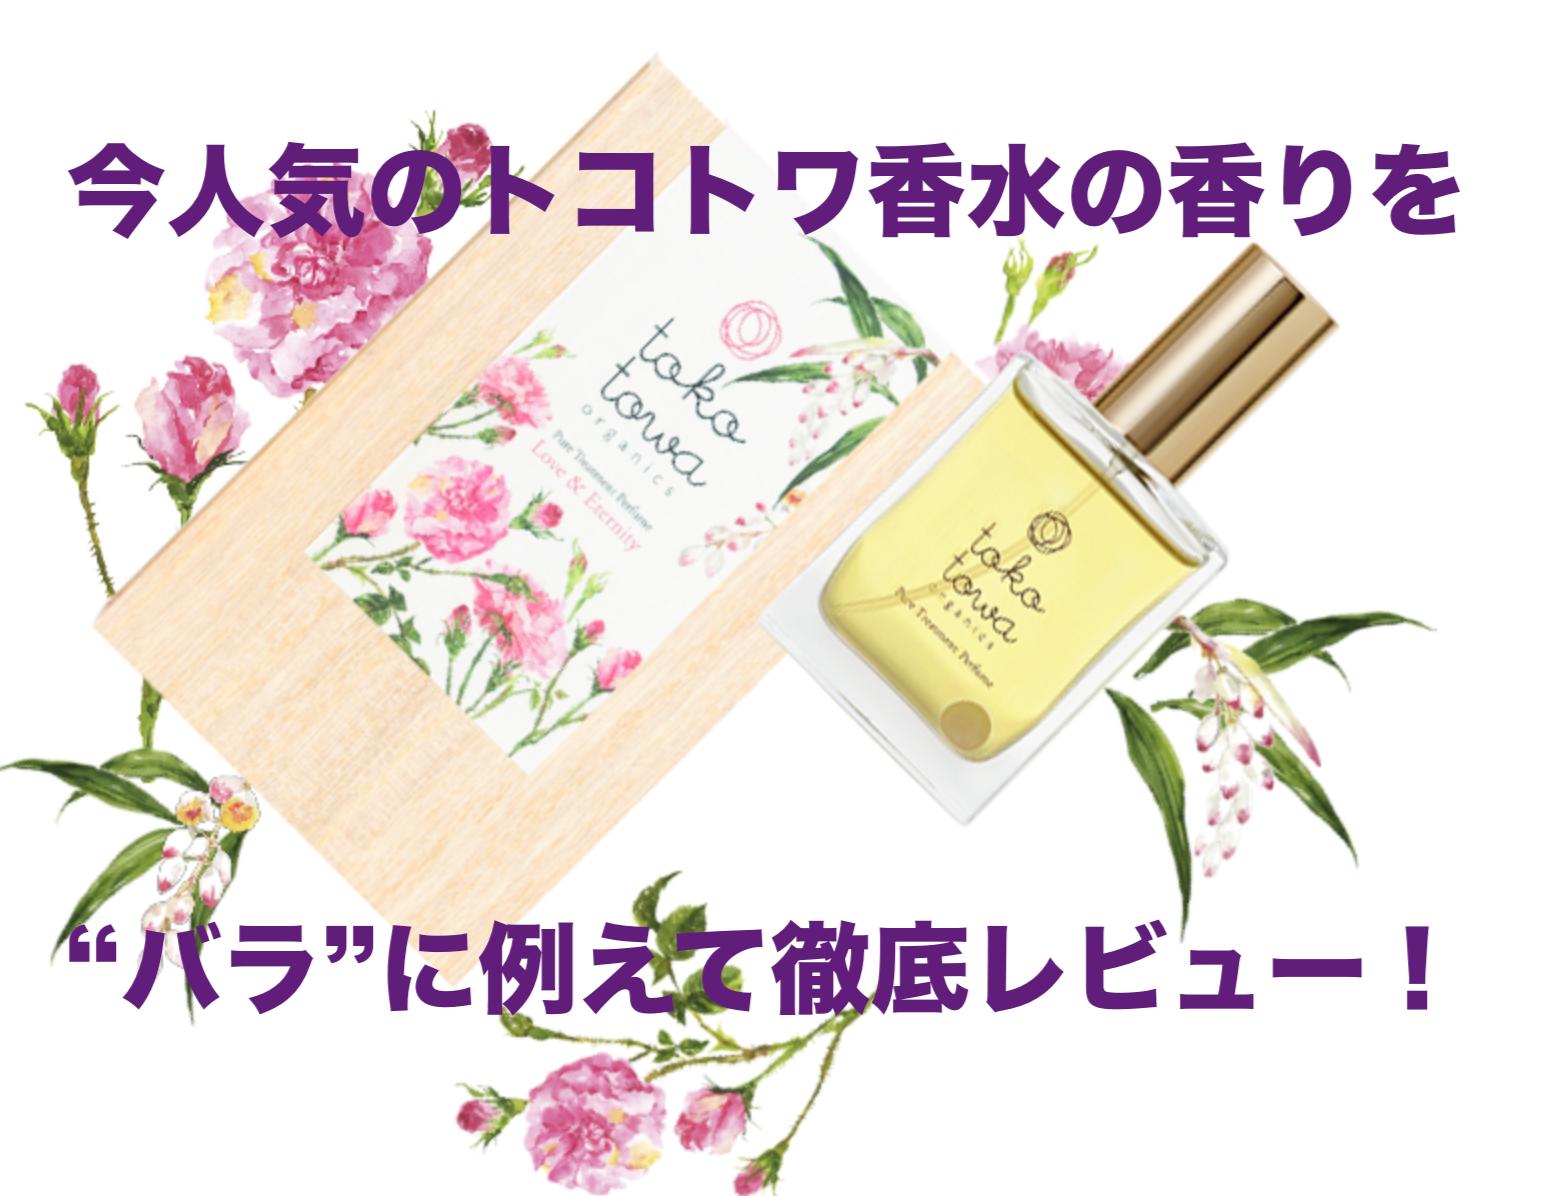 """今人気の「トコトワ香水」の香りを""""バラ""""に例えて徹底レビュー!"""